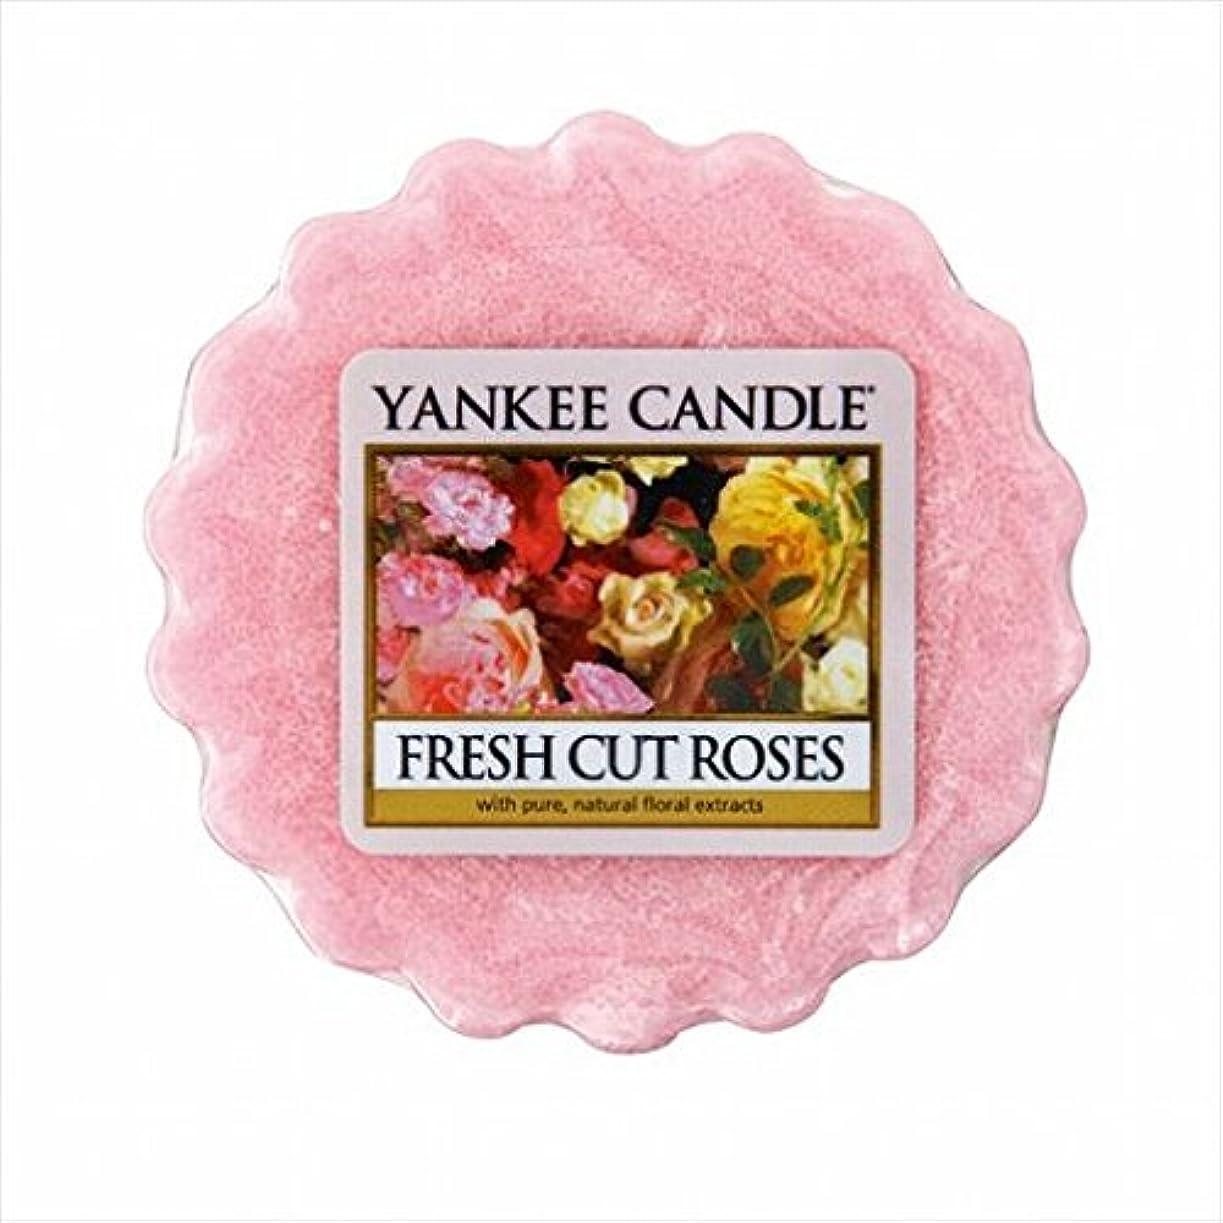 特別な引き渡すロマンチックカメヤマキャンドル( kameyama candle ) YANKEE CANDLE タルト ワックスポプリ 「 フレッシュカットローズ 」